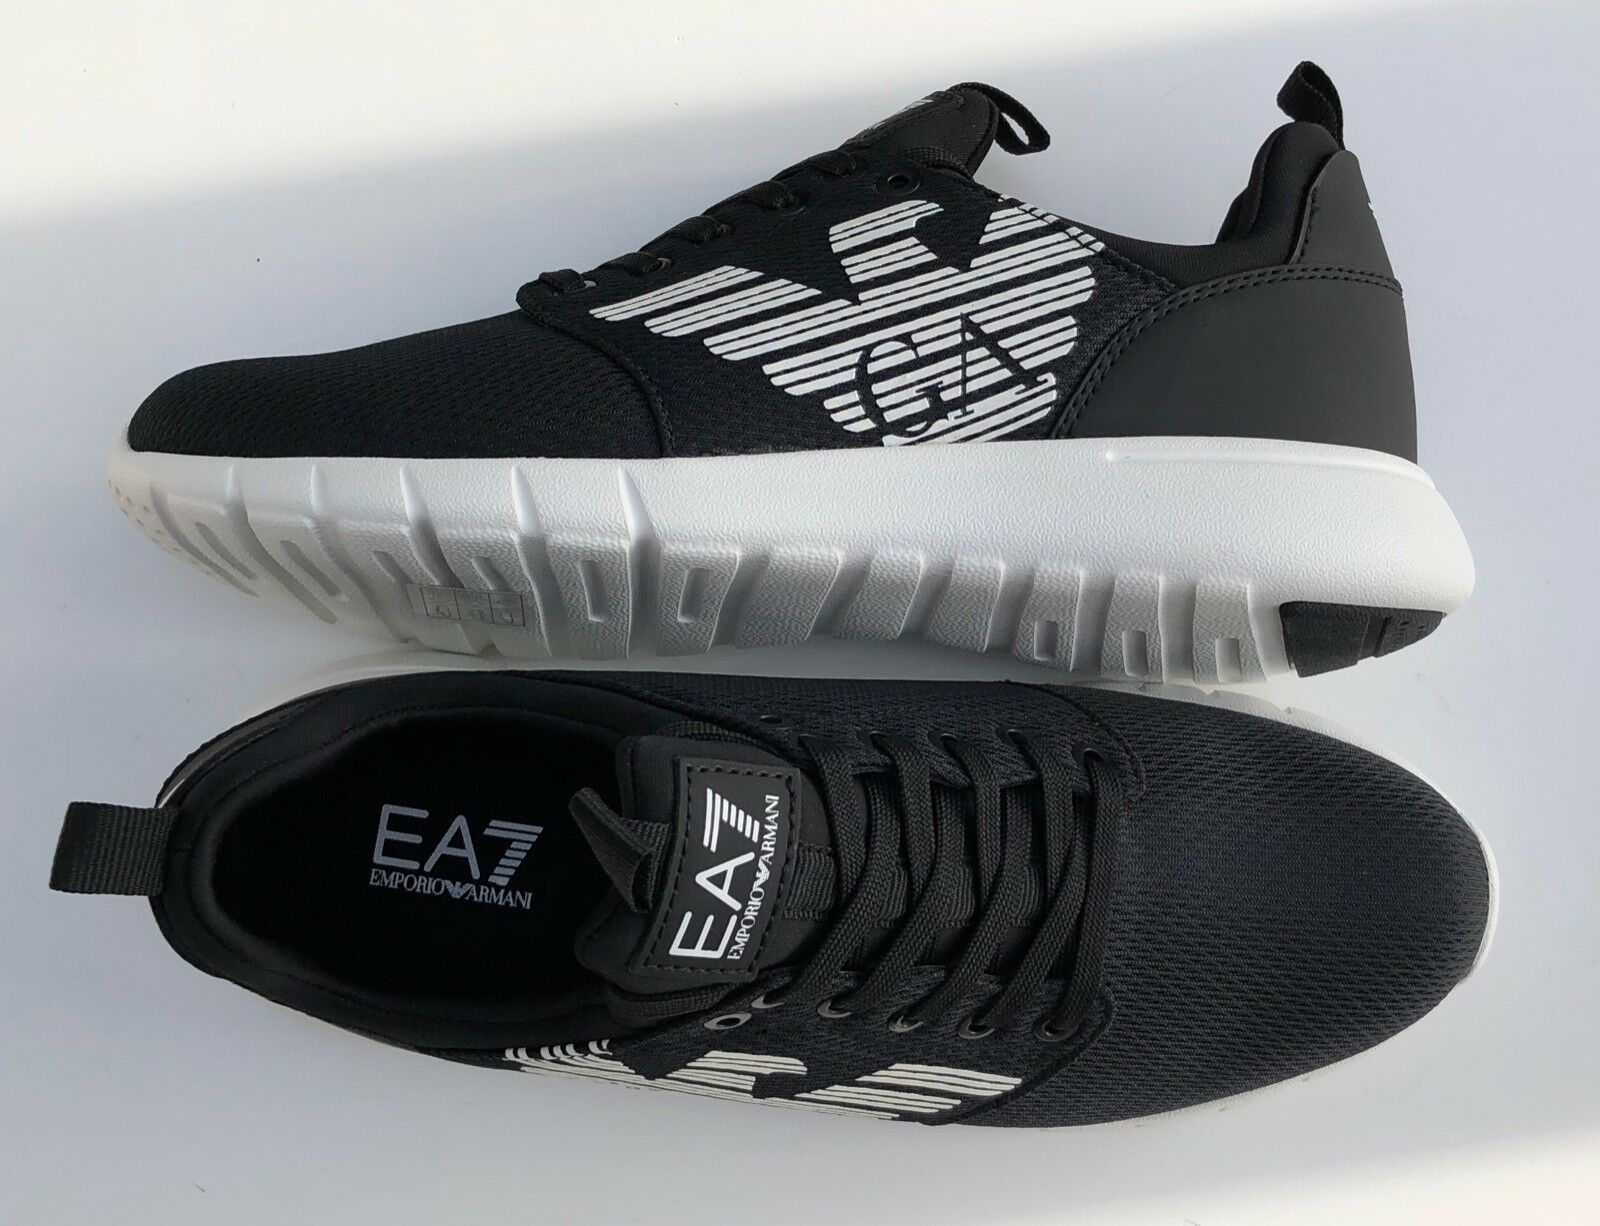 EMPIRO ARMANI EA7 Treni  neri scarpe da ginnastica Scarpe Grande Logo UK 5.5 -11.5 BNWT  BOX  più preferenziale